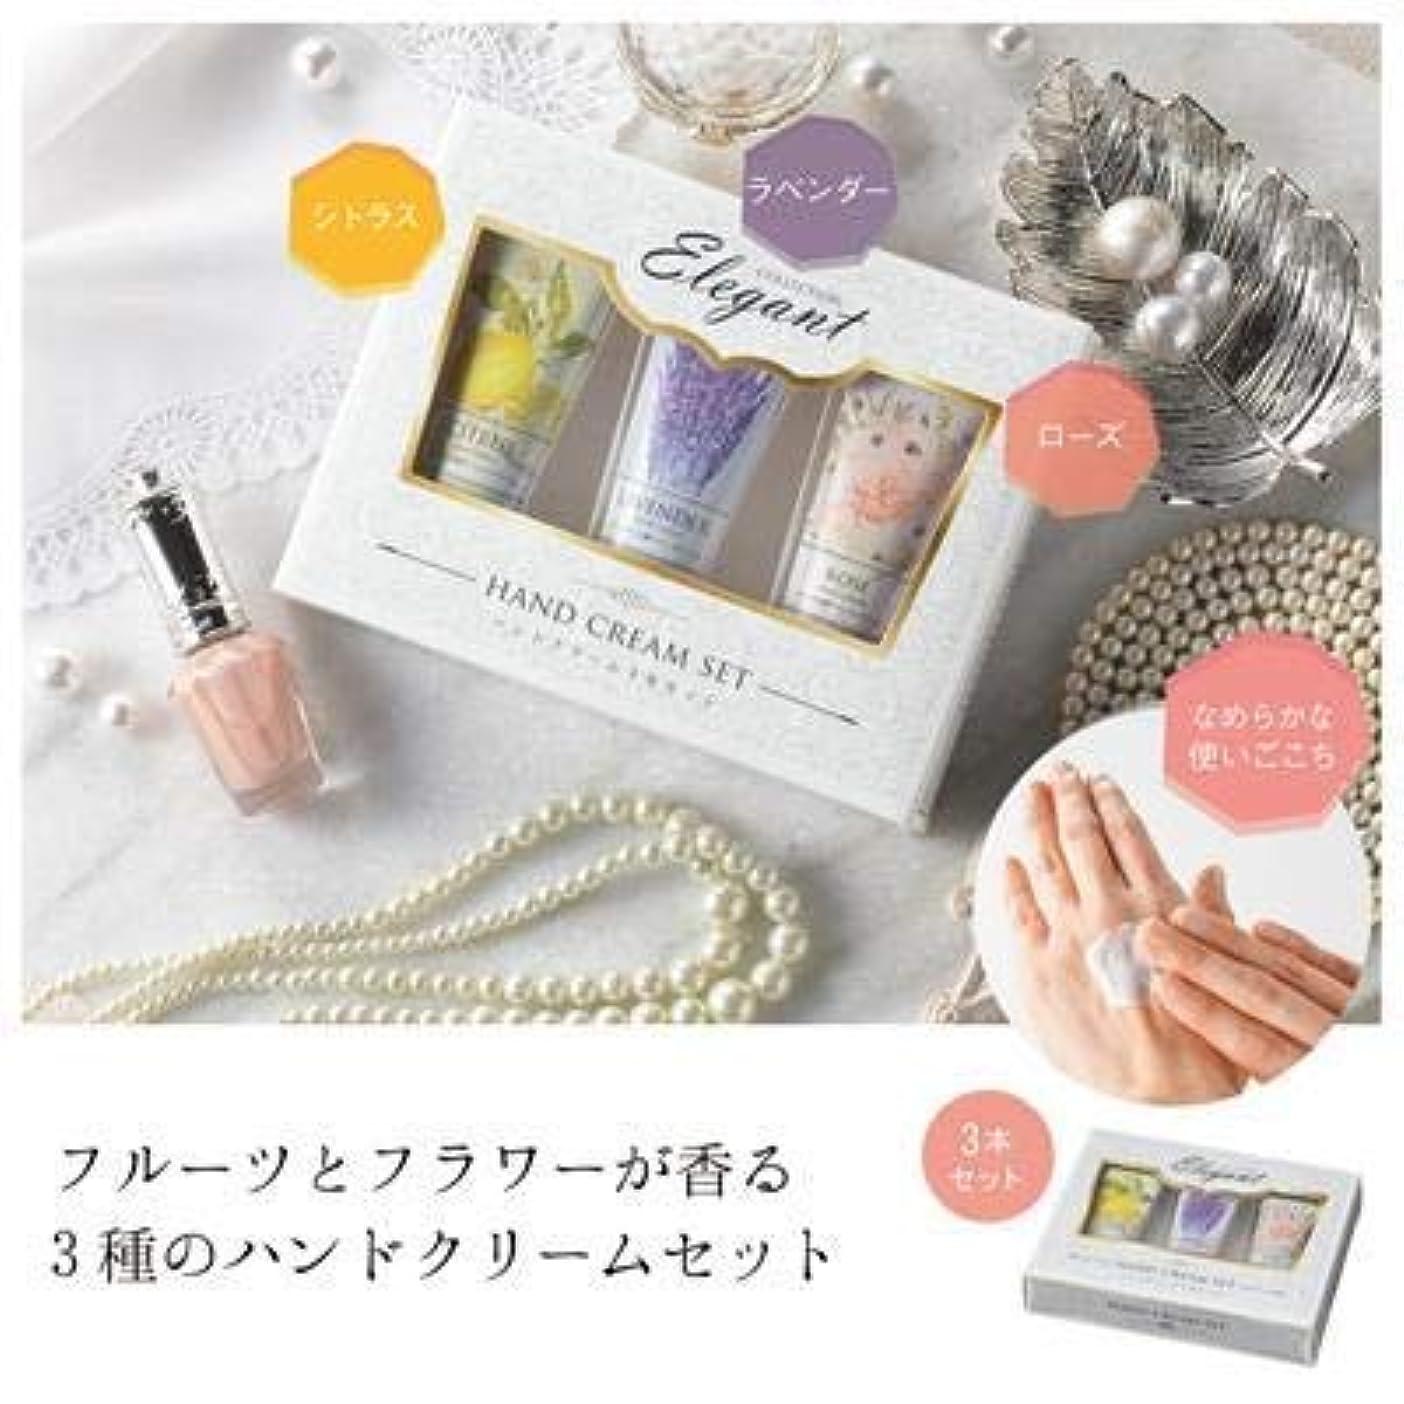 打ち上げる生産性マットレスハンドクリーム3本セット(化粧箱入)【まとめ売り10個セット】